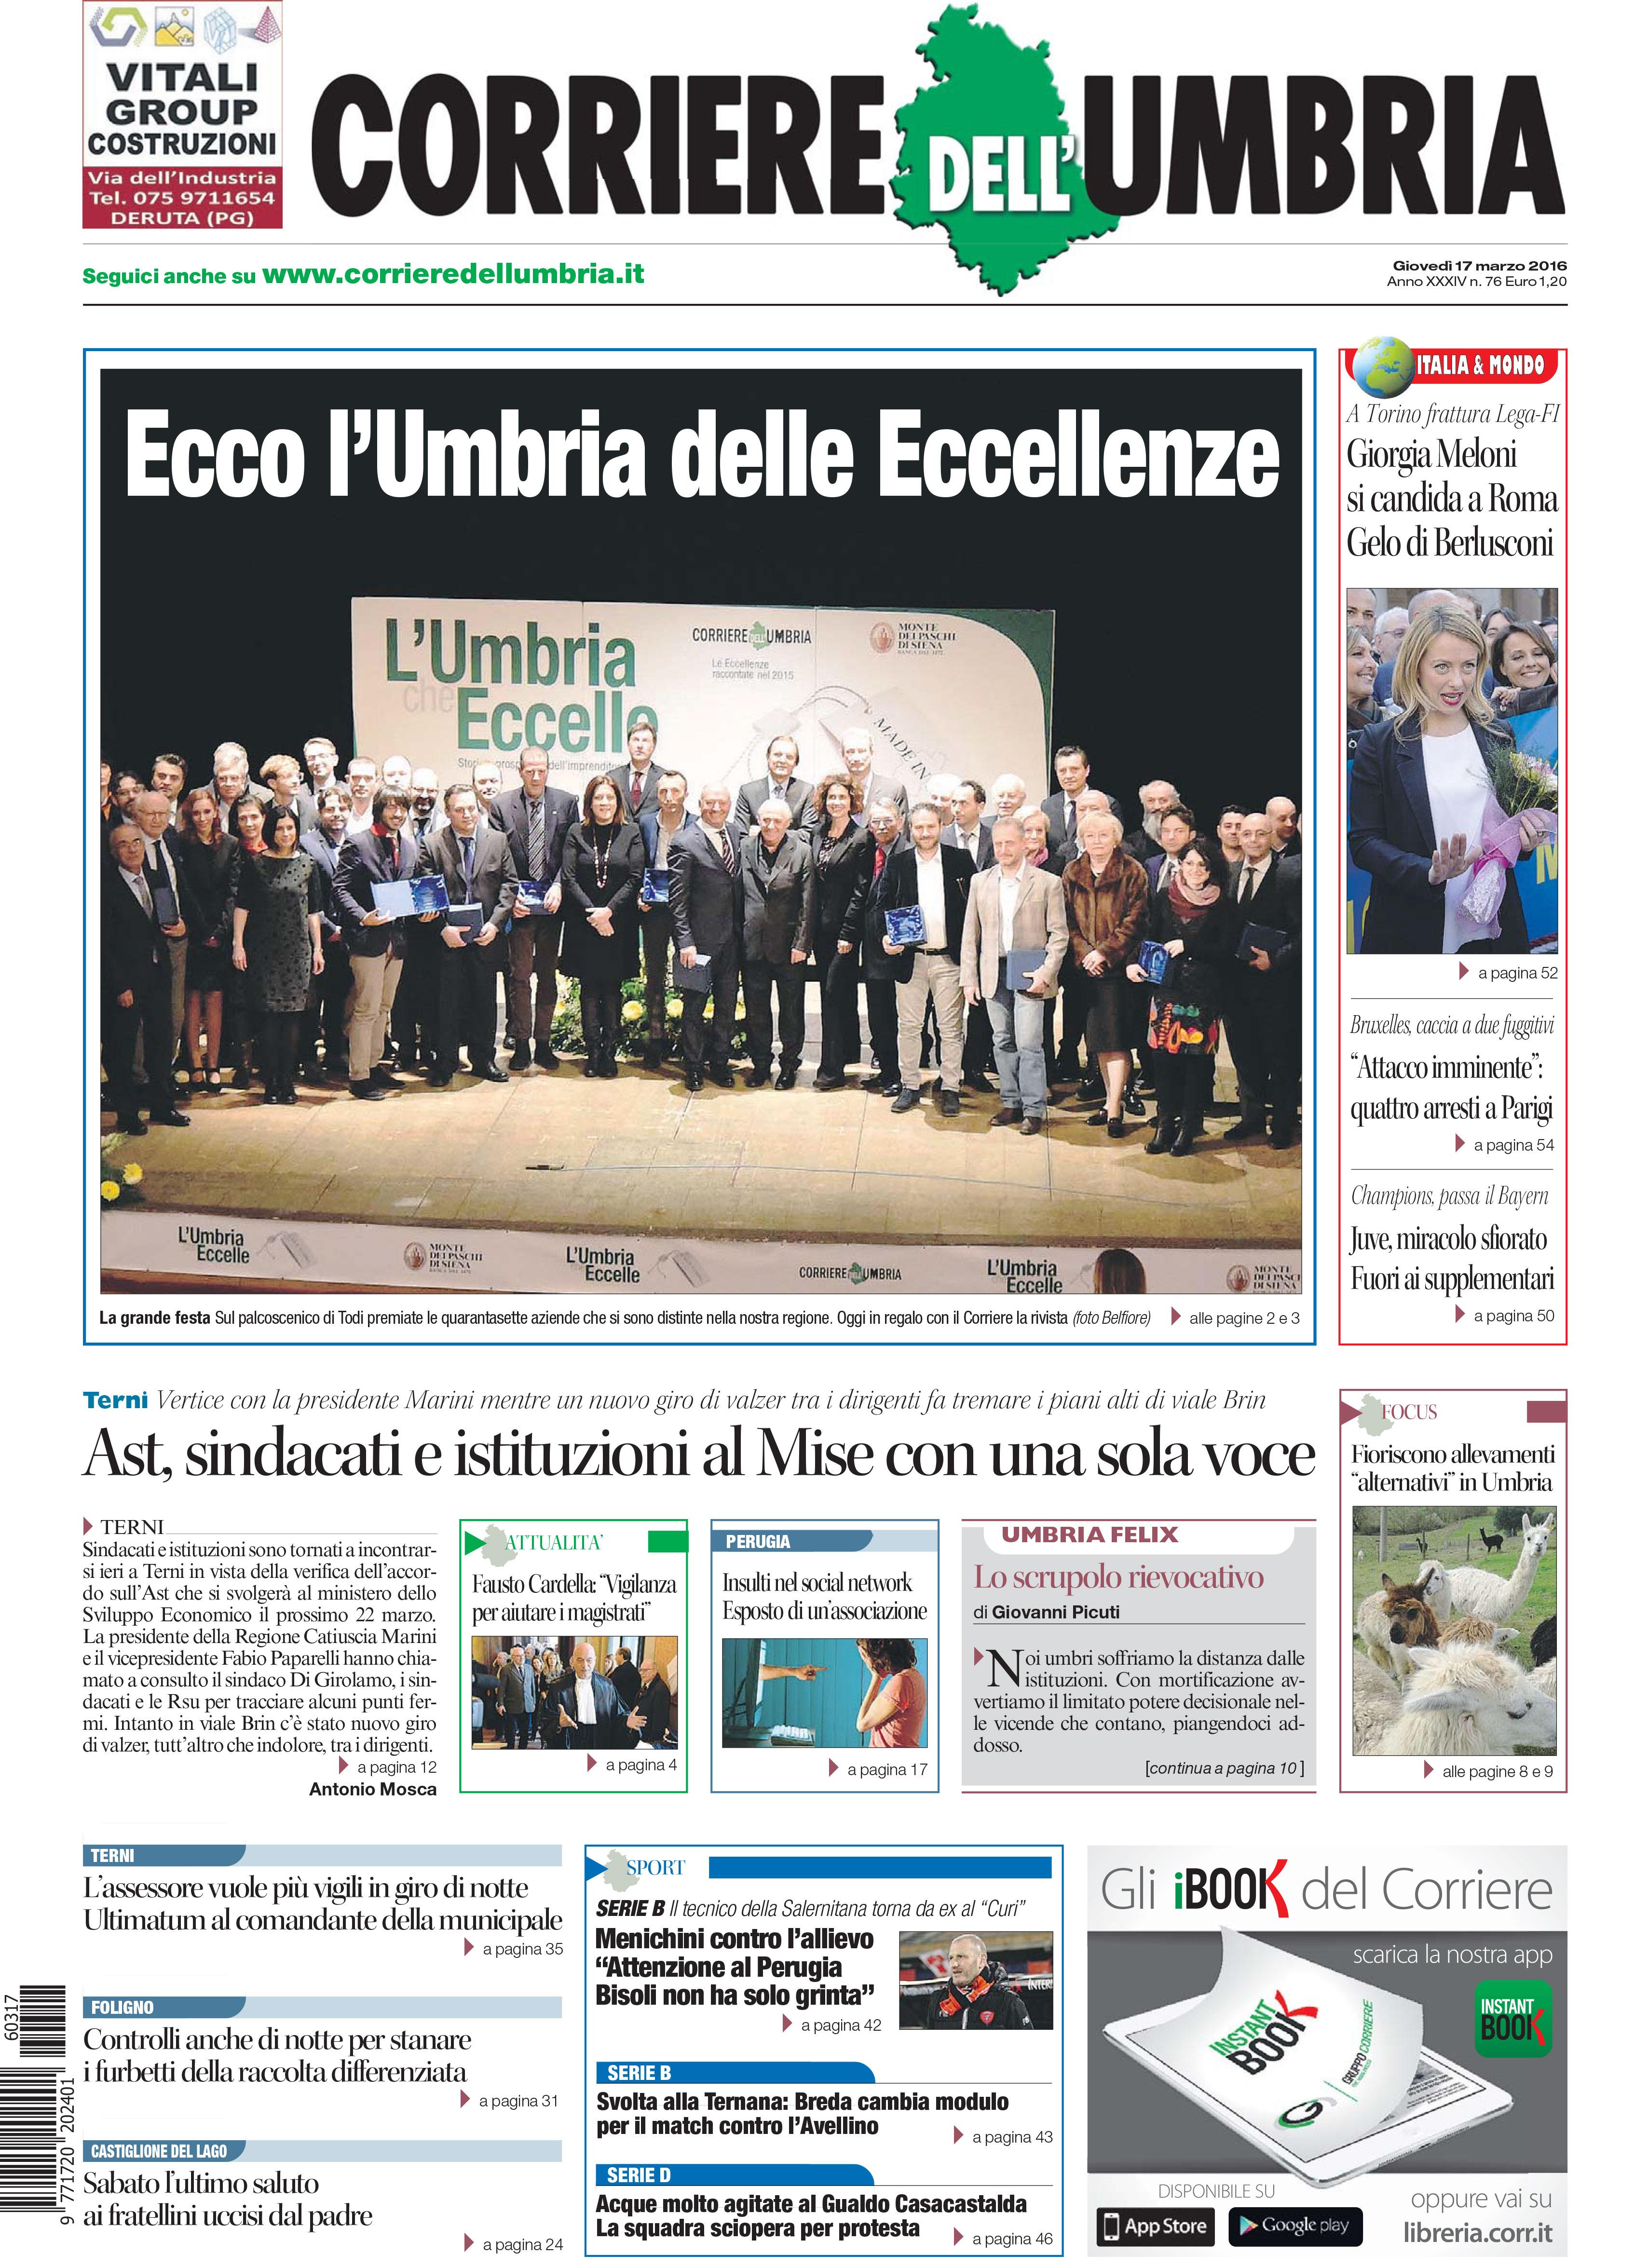 L'umbria che eccelle-LA Cost - Corriere dell'Umbria-03